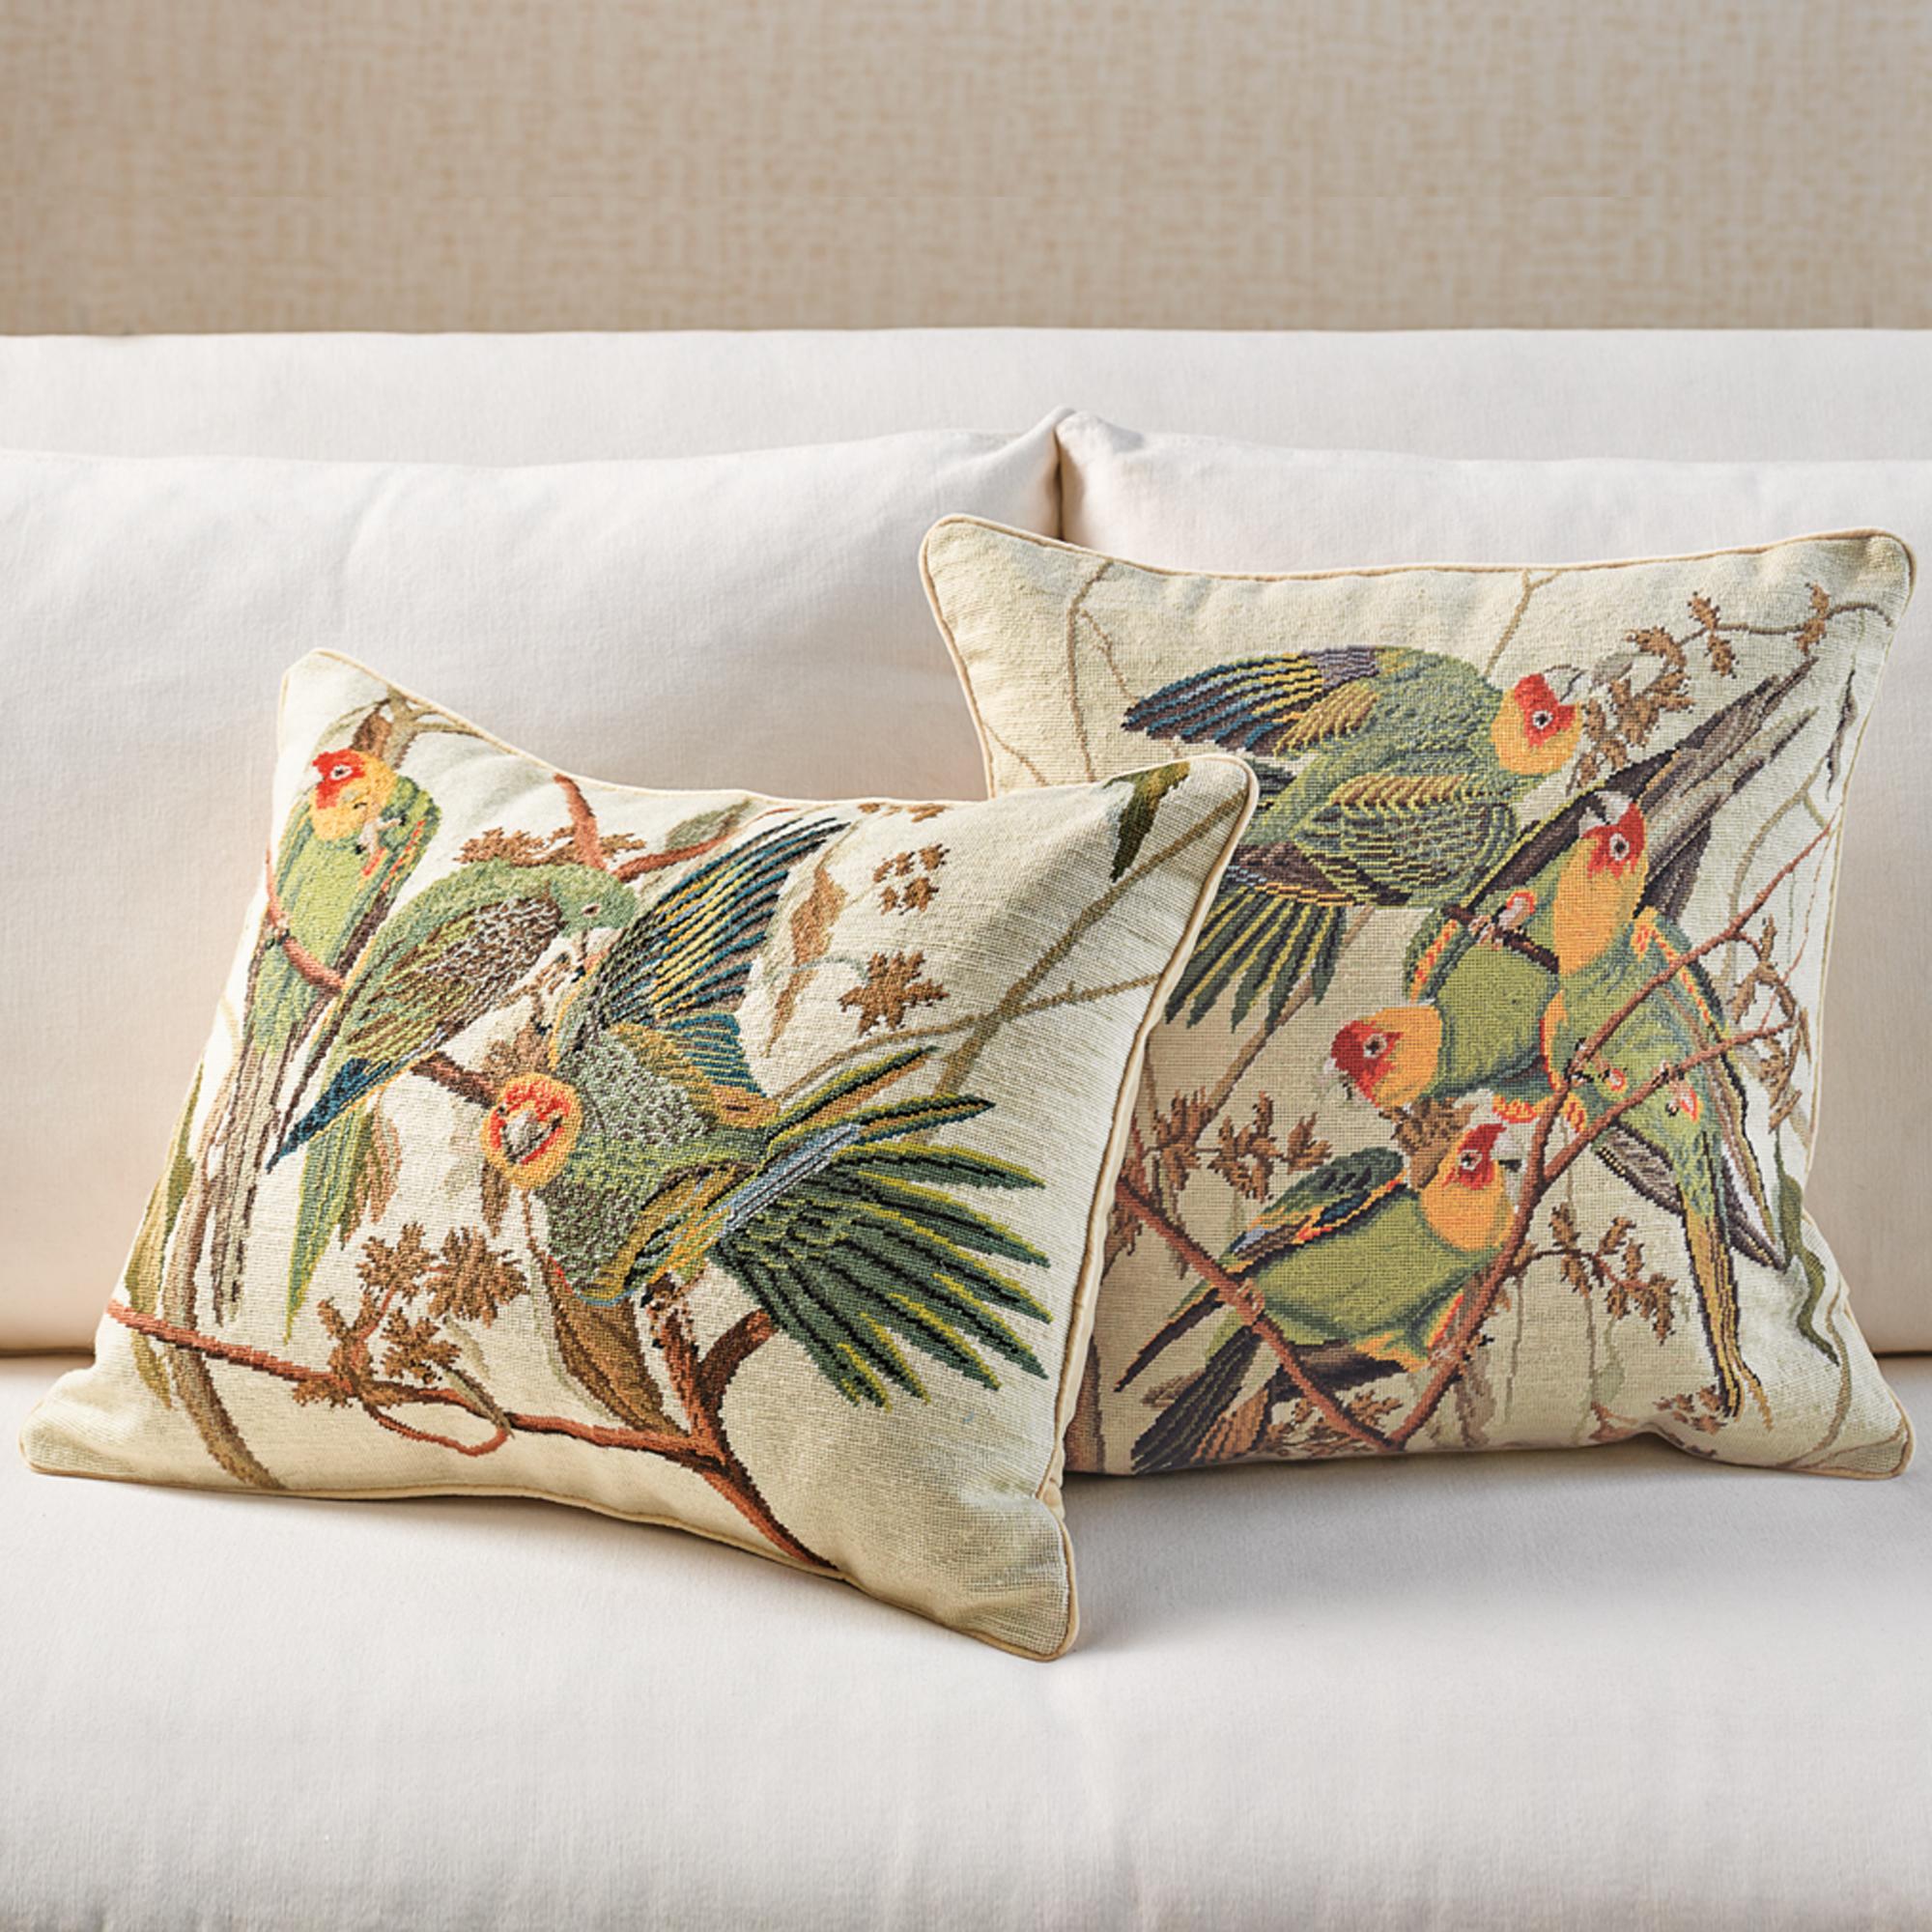 Parrot Needlepoint PillowsGumps